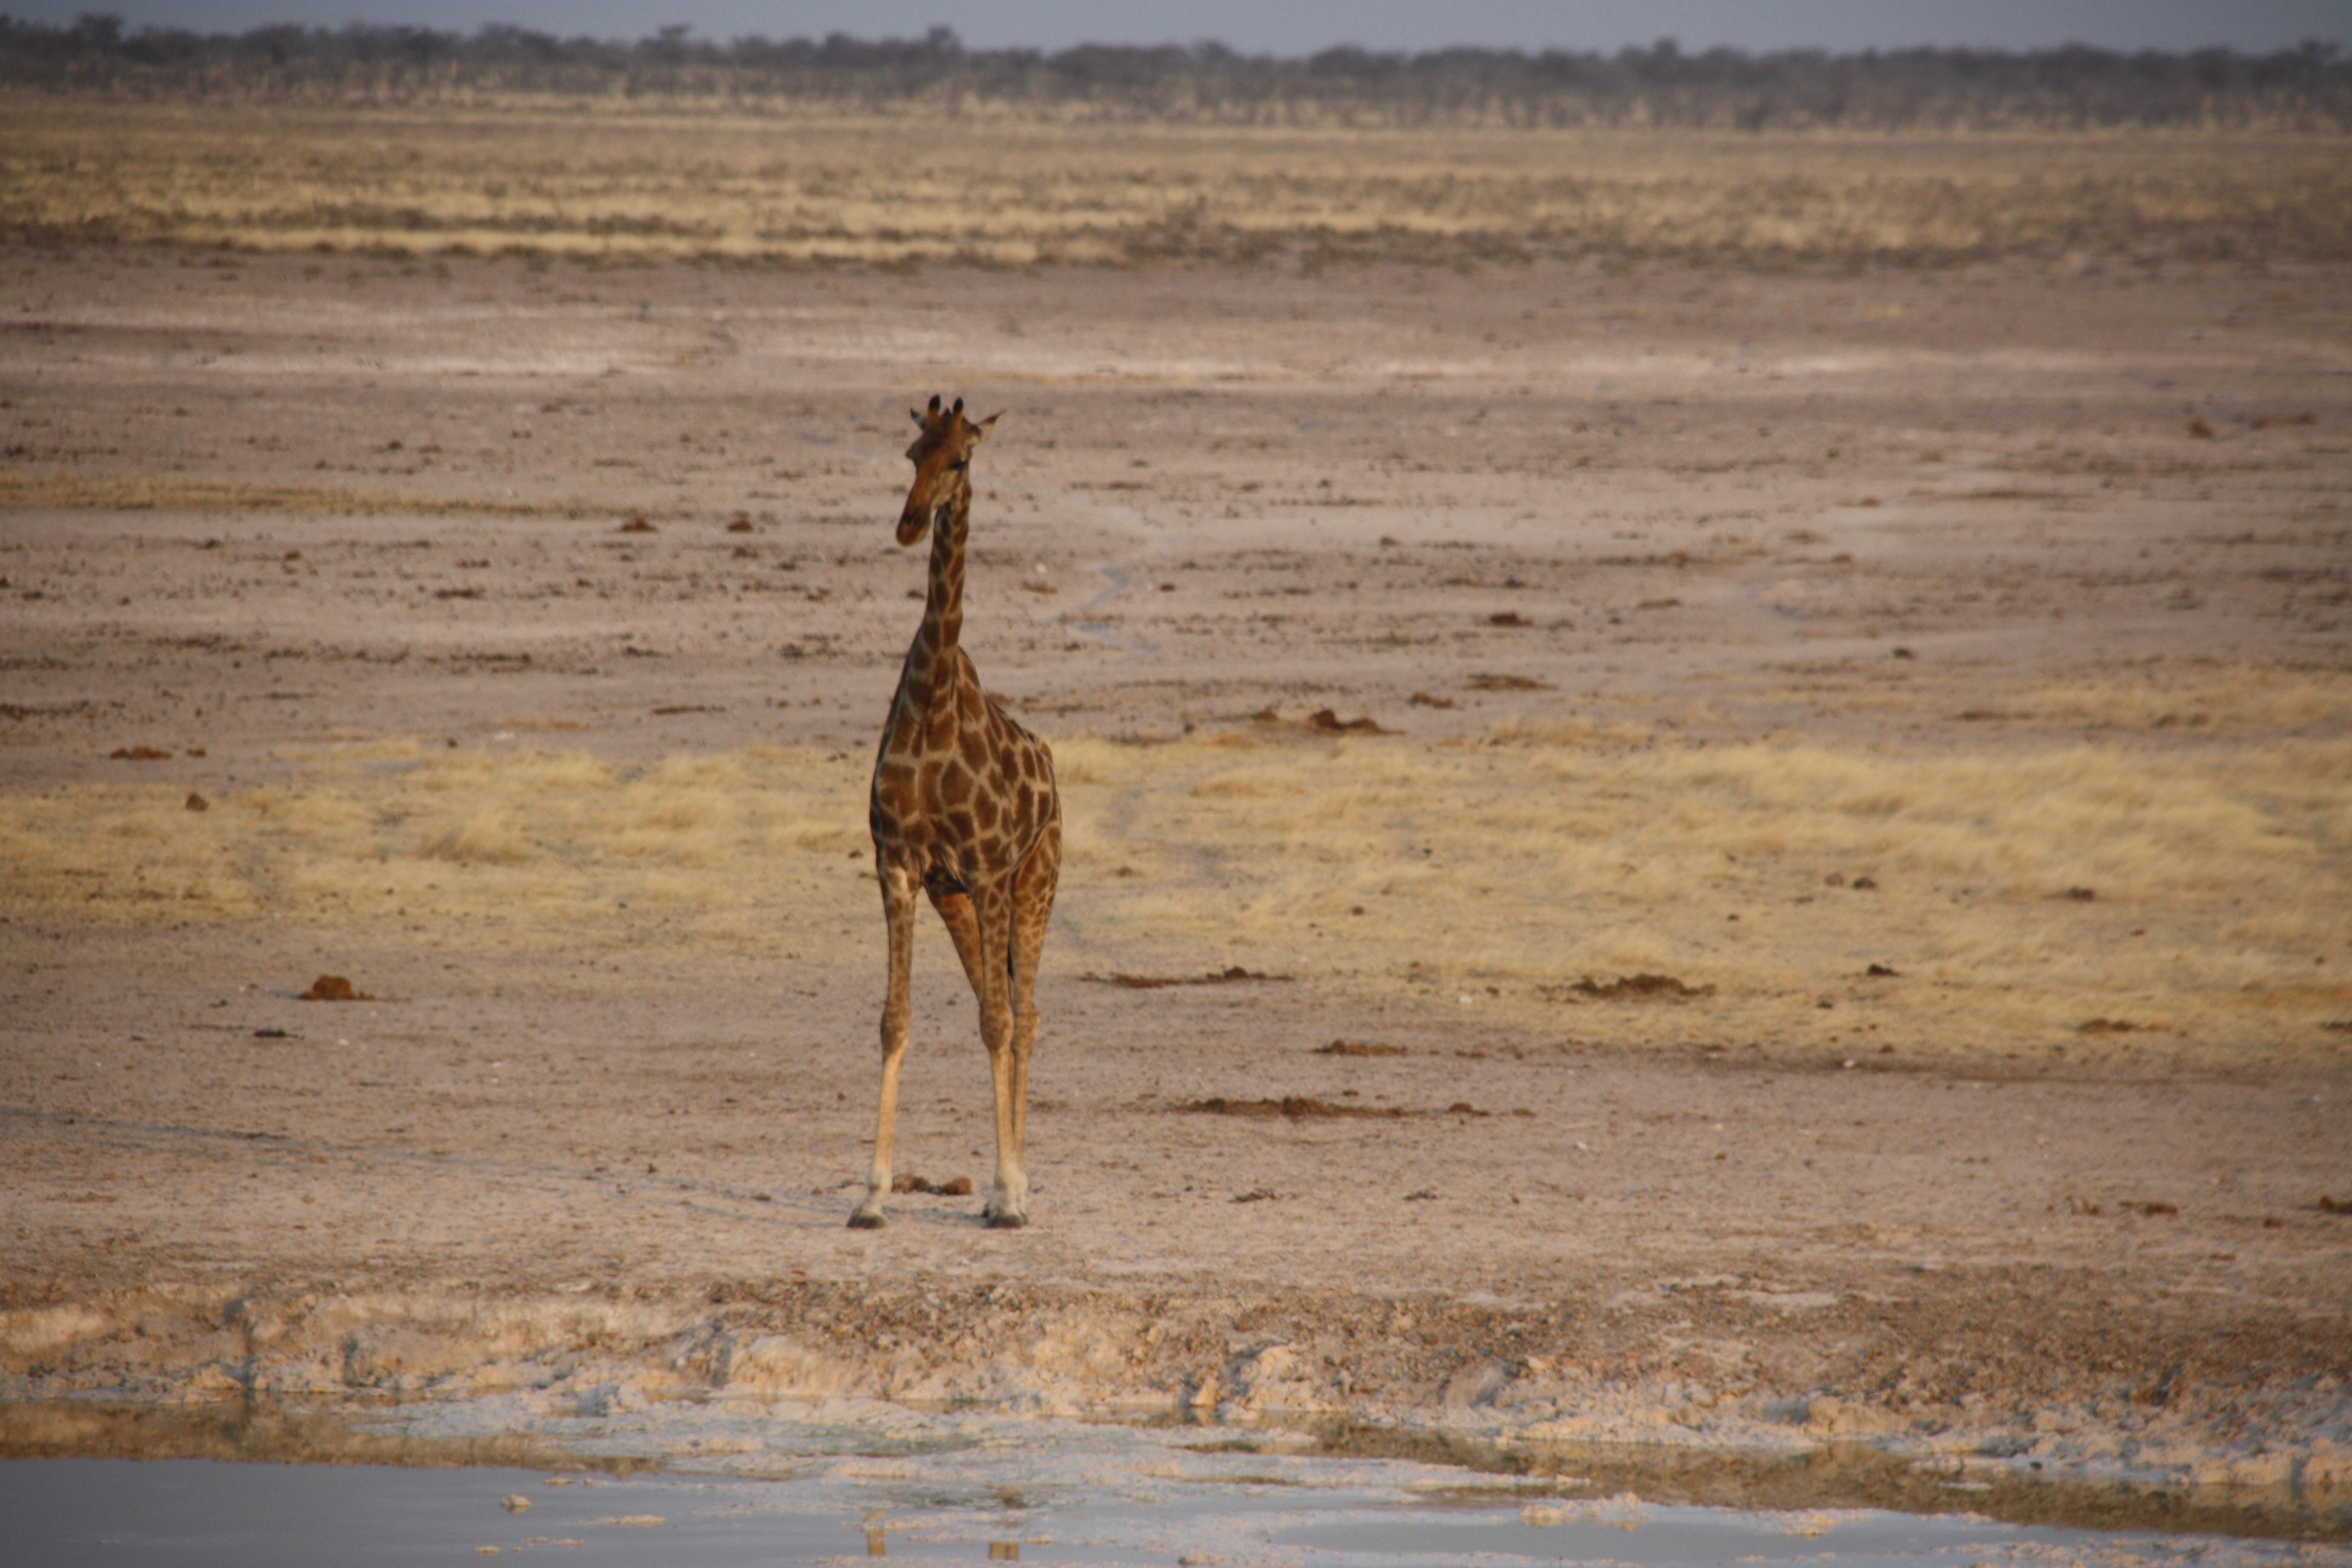 Giraffe Wasserloch Etosha Nationalpark Namibia